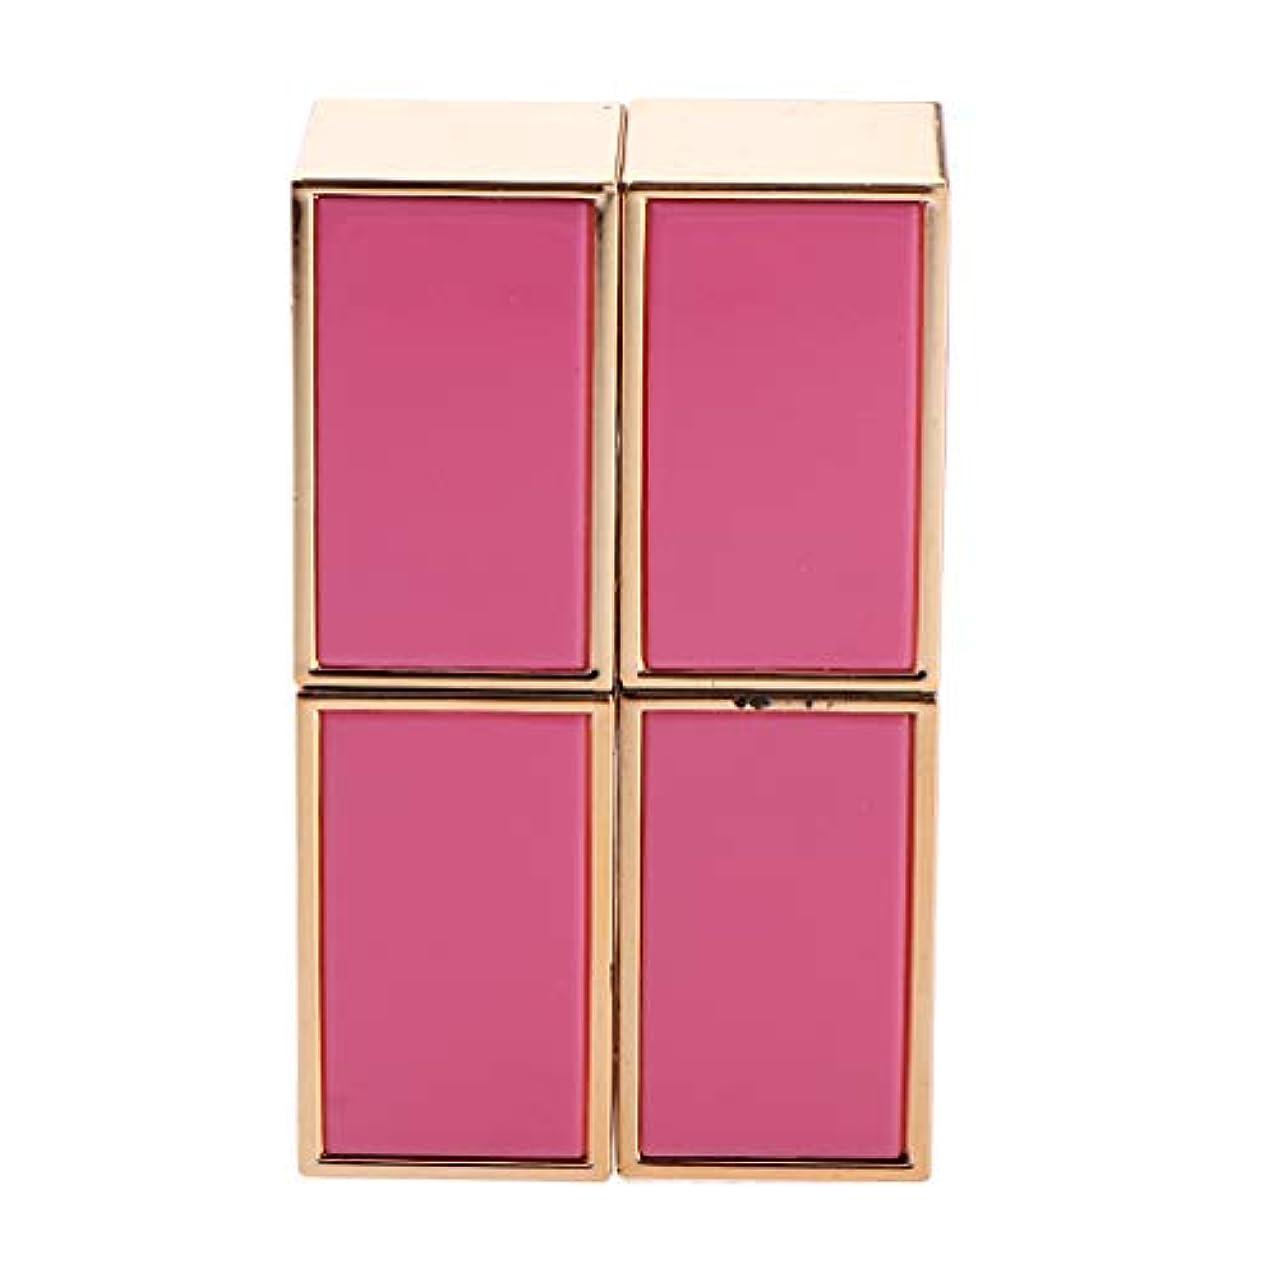 戦闘除去リンク口紅 容器 空 口紅チューブ 口紅コンテナ リップグロス管 手作り口紅容器 固体香水 2色選べ - ピンク